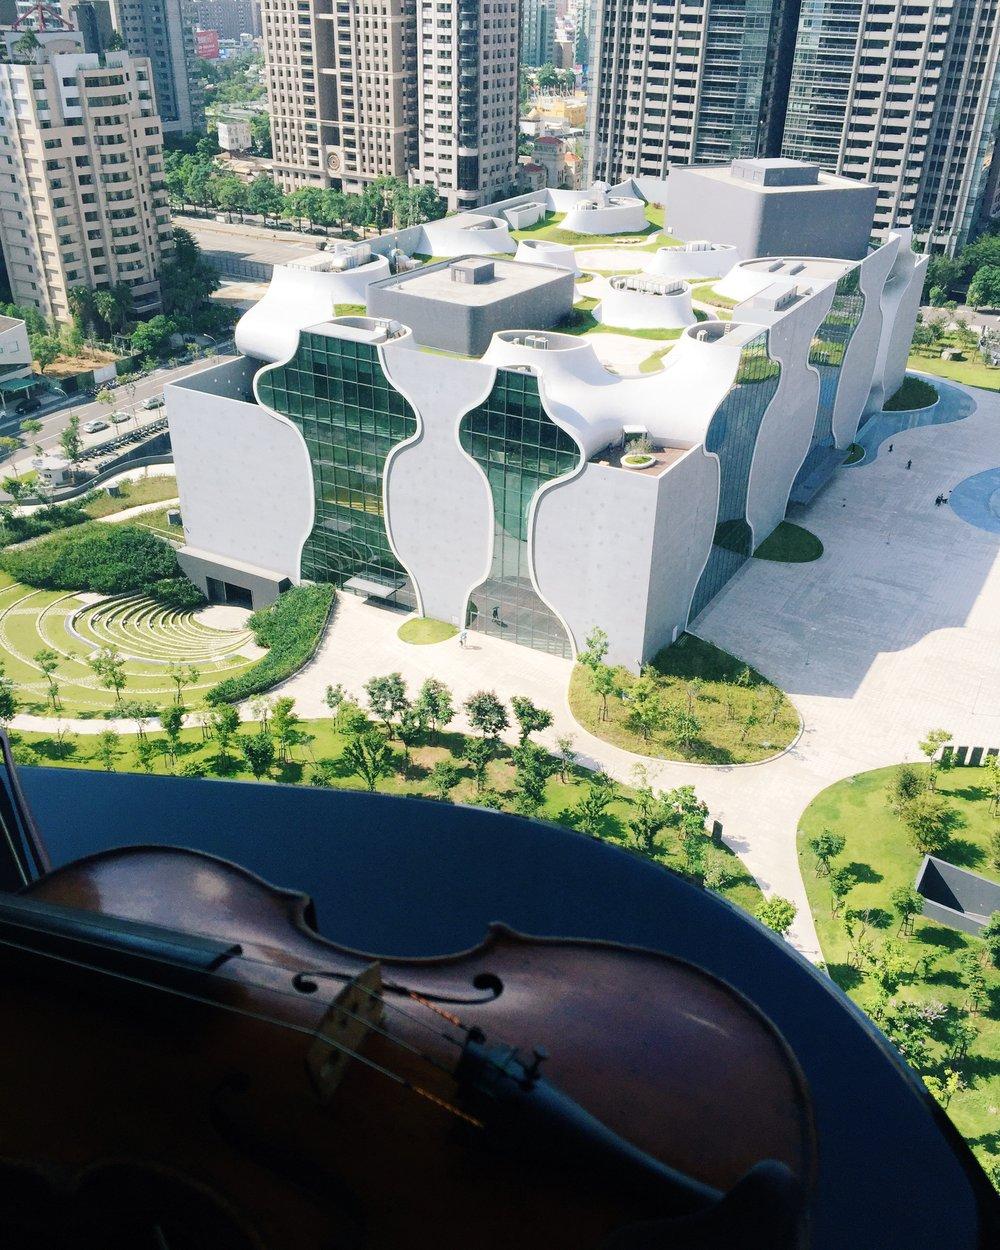 (台中國家歌劇院從營造到運行,一舉一動都在全國人民格外銳利的注目下)